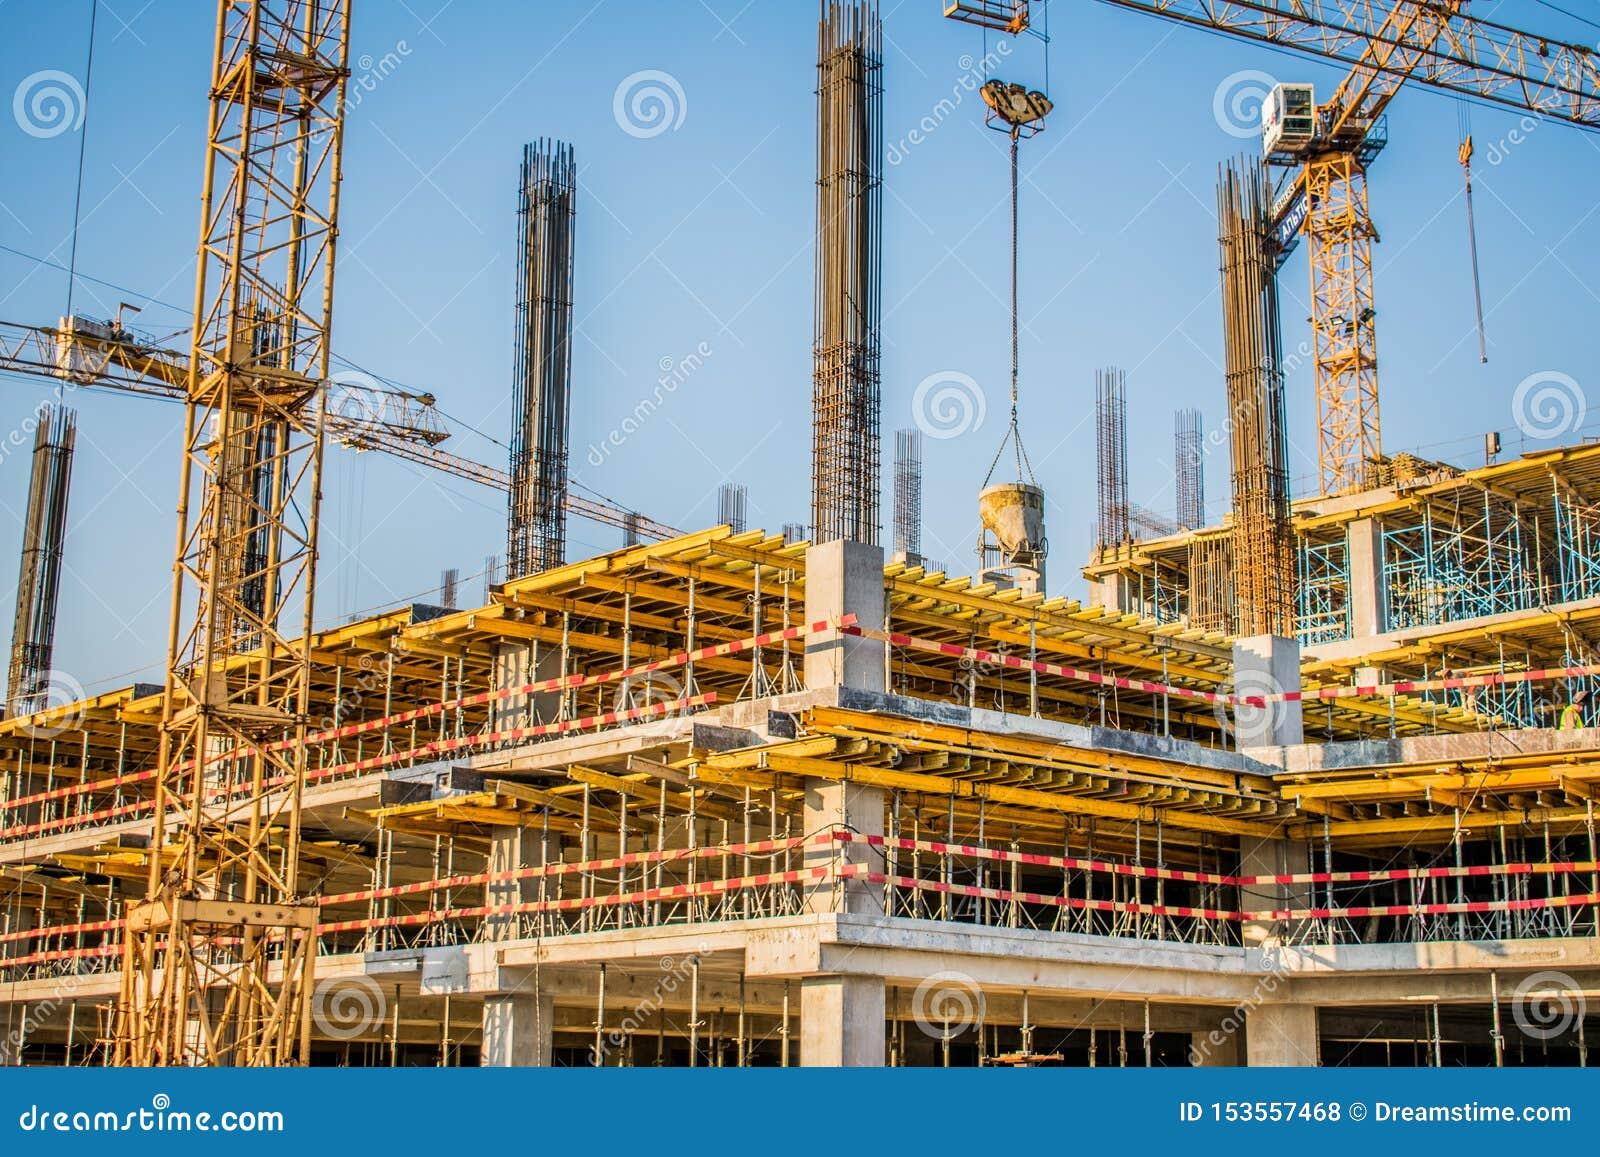 Industrie, bouw van een commercieel centrum met grote technologiekranen